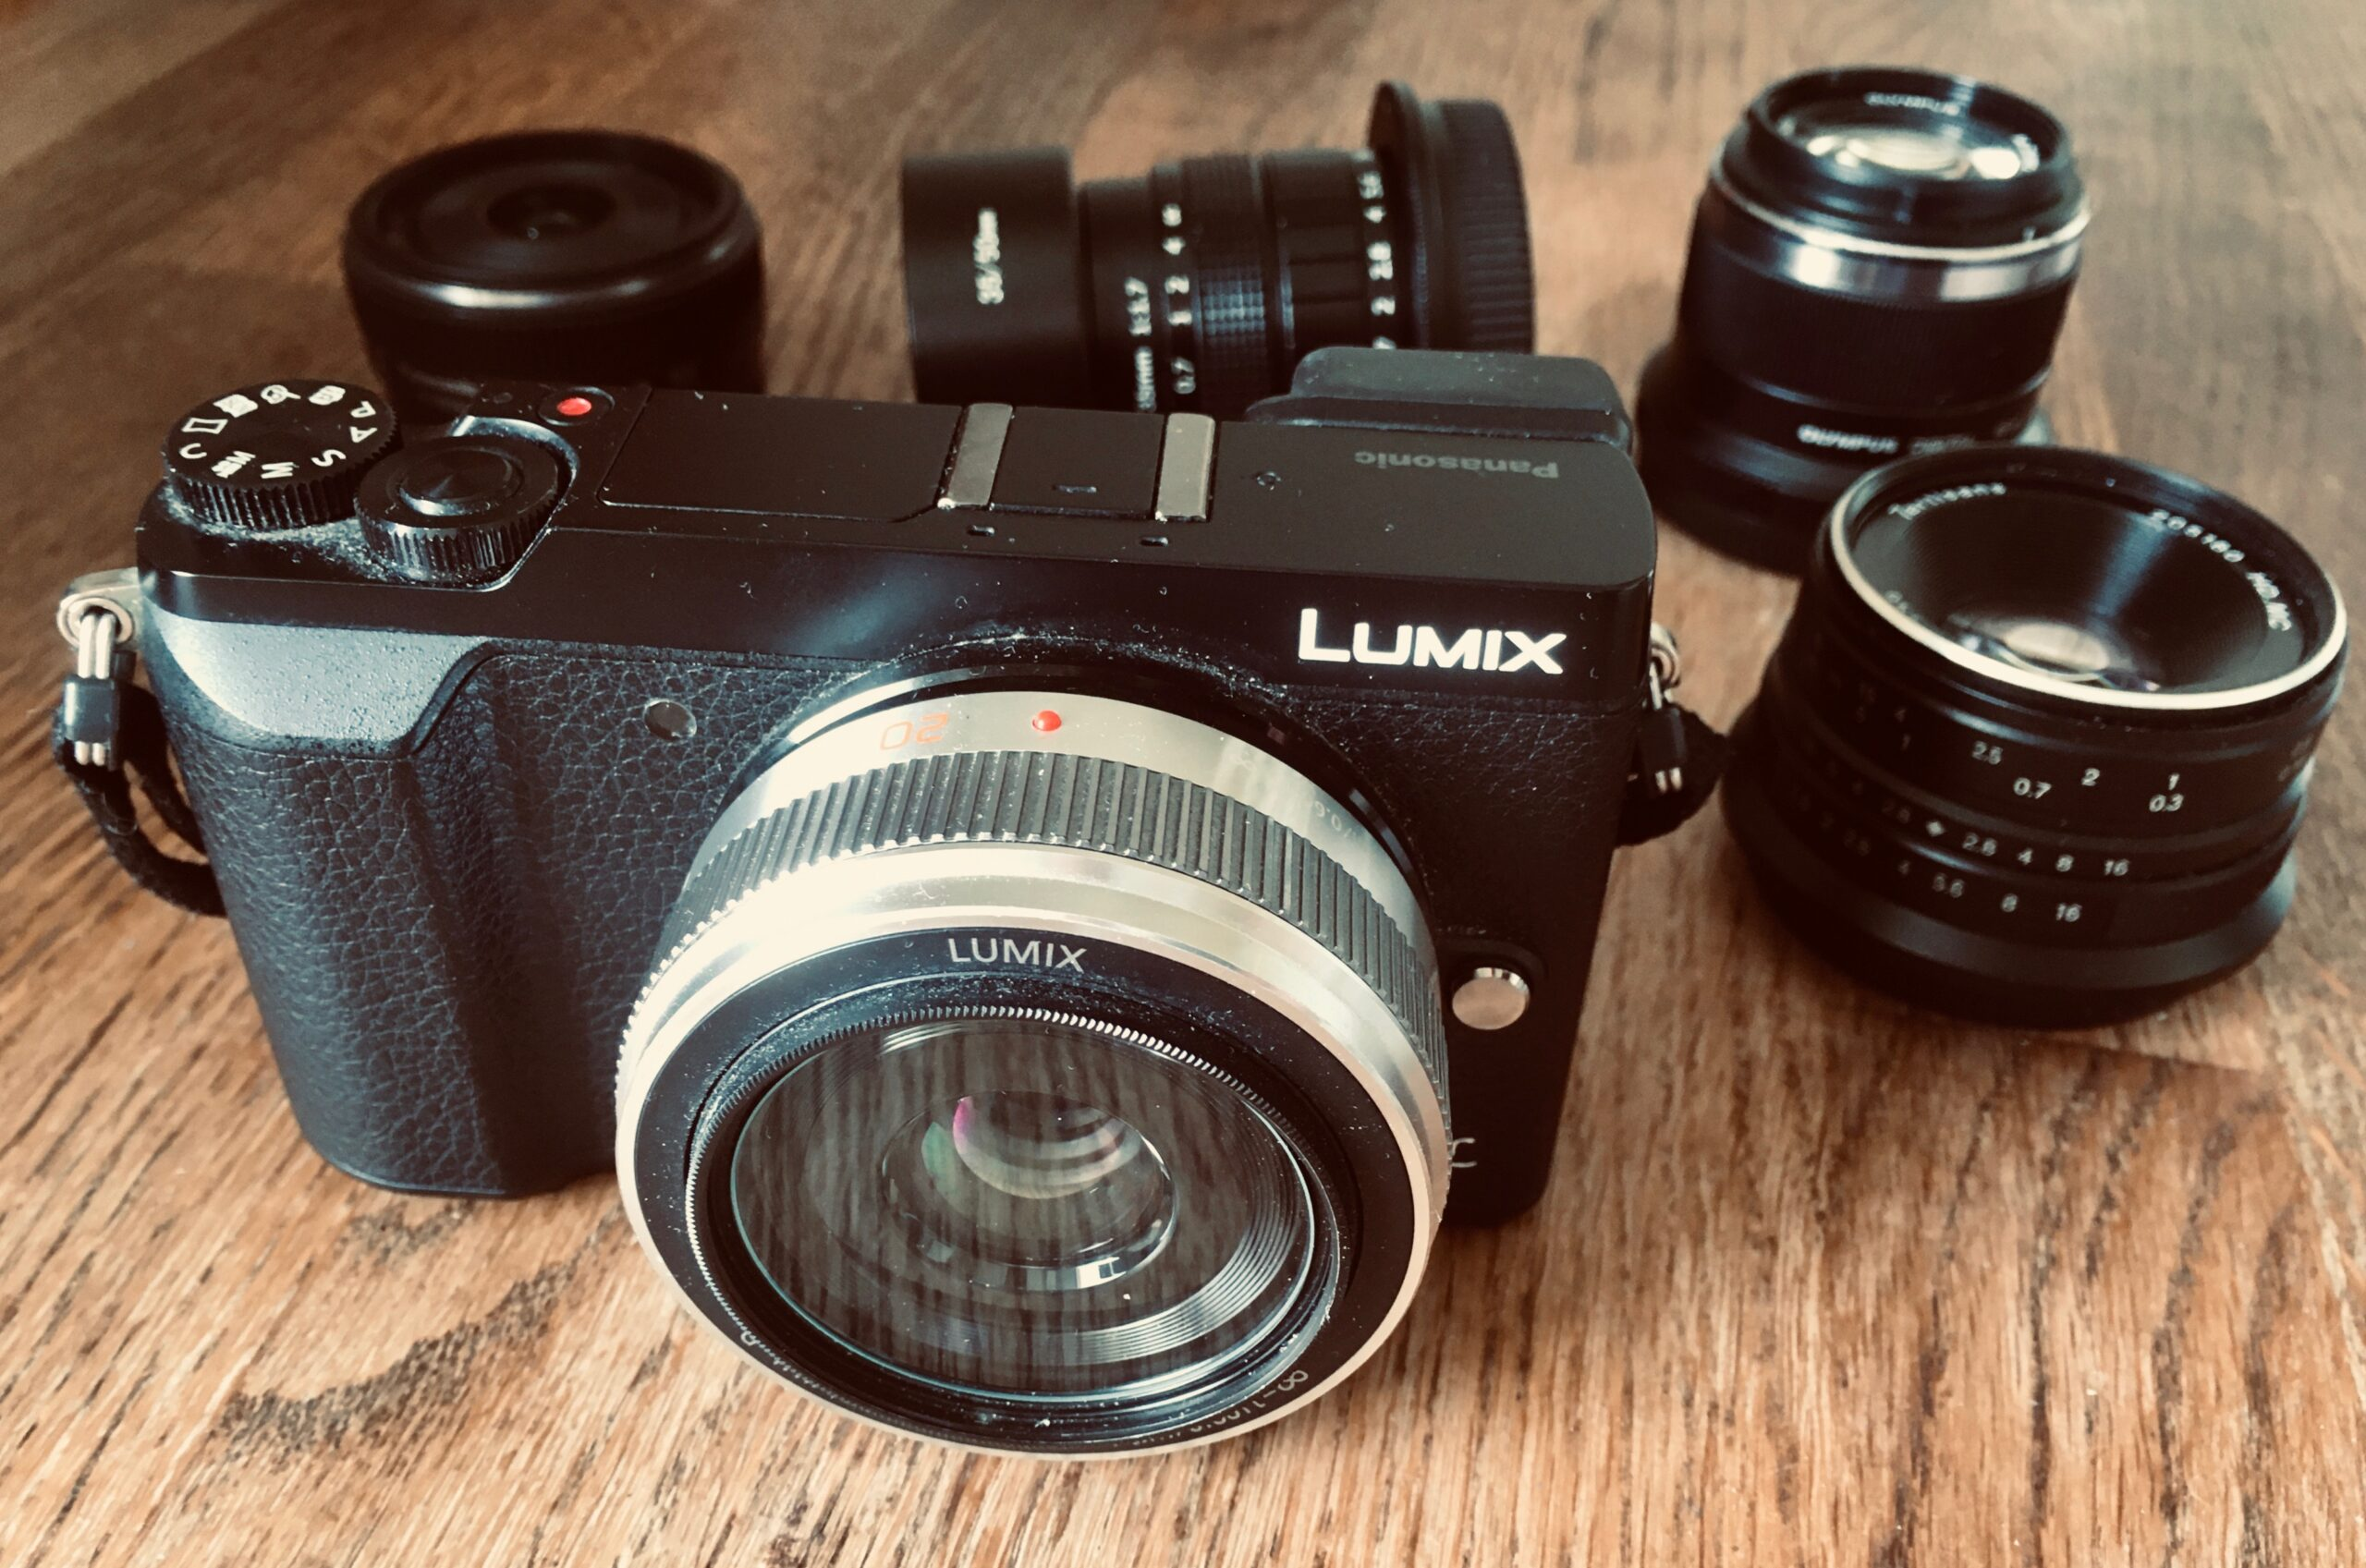 Lumix 20mm f/1.7 II on GX80